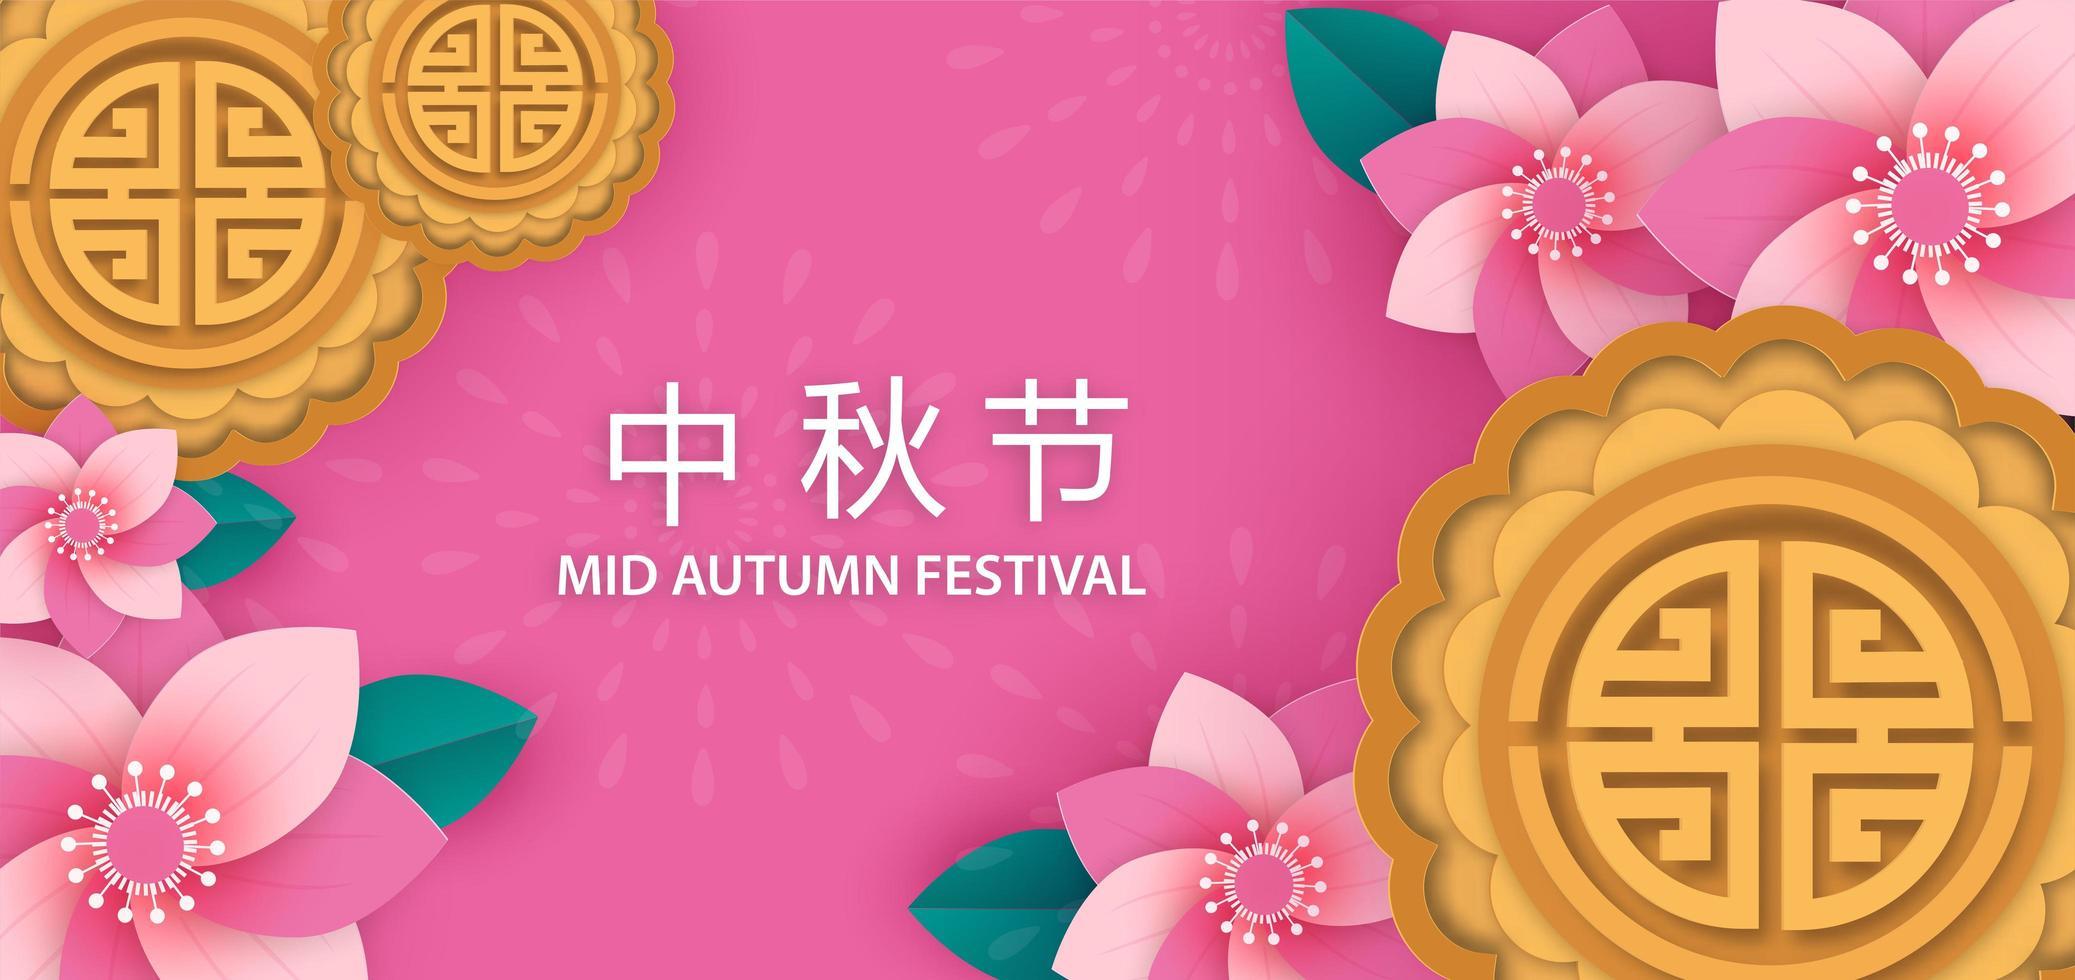 banner festival de meados do outono com flores e bolos lunares vetor